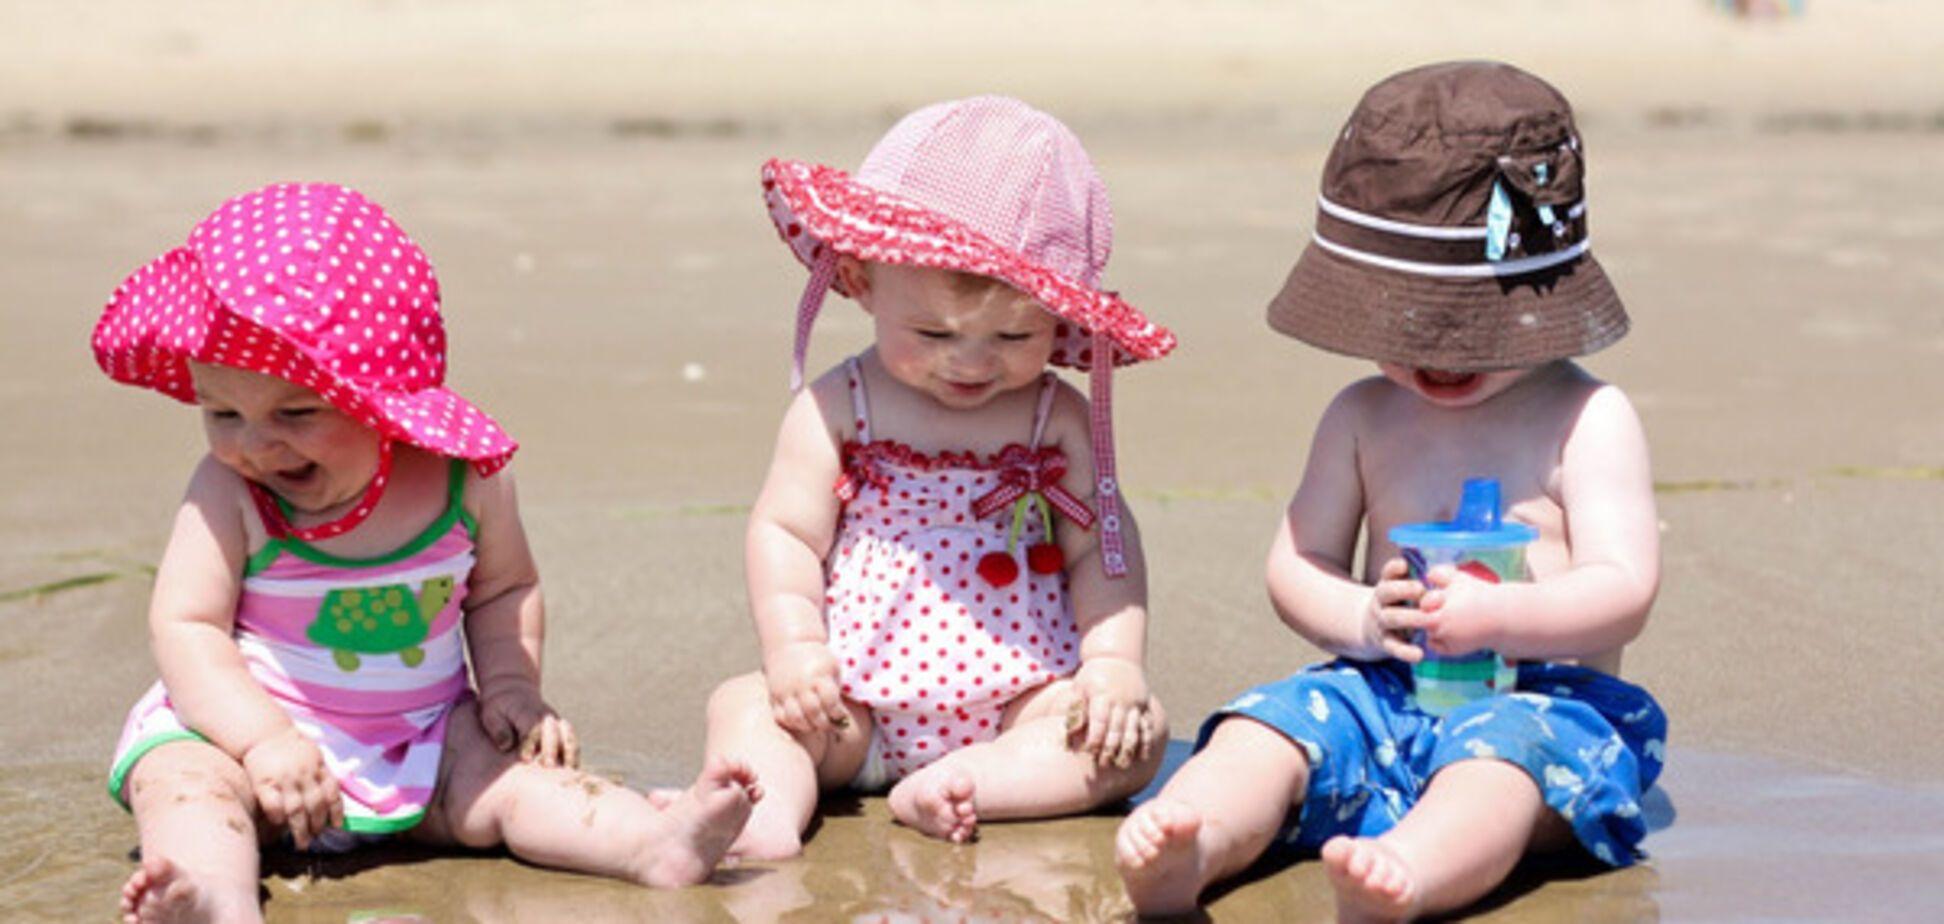 Ребенок и летний загар: важные нюансы, которые нужно знать родителям